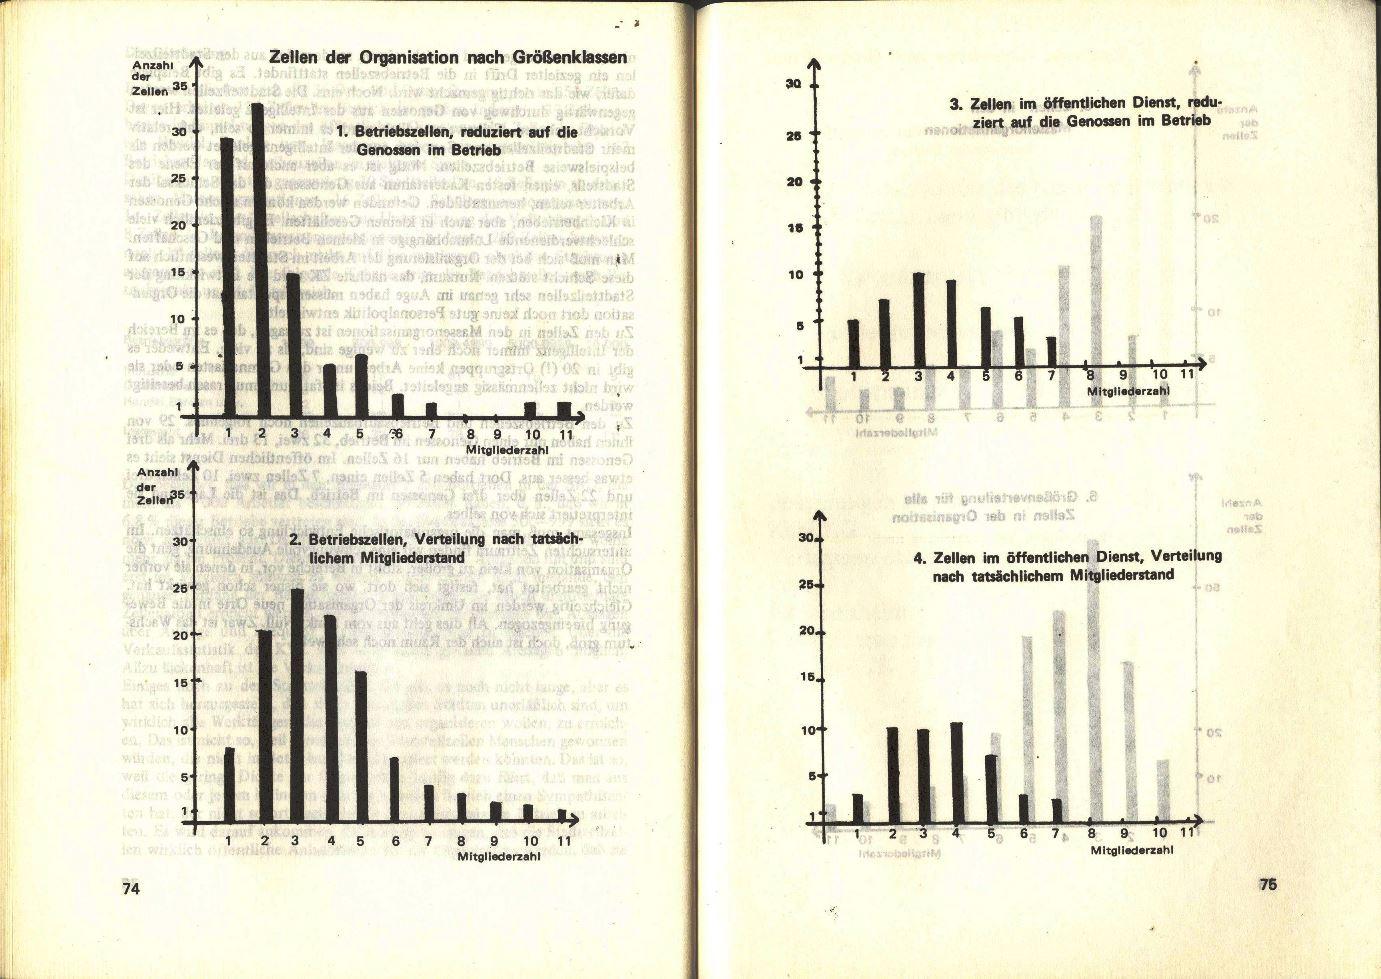 KBW_1974_Politischer_Bericht039